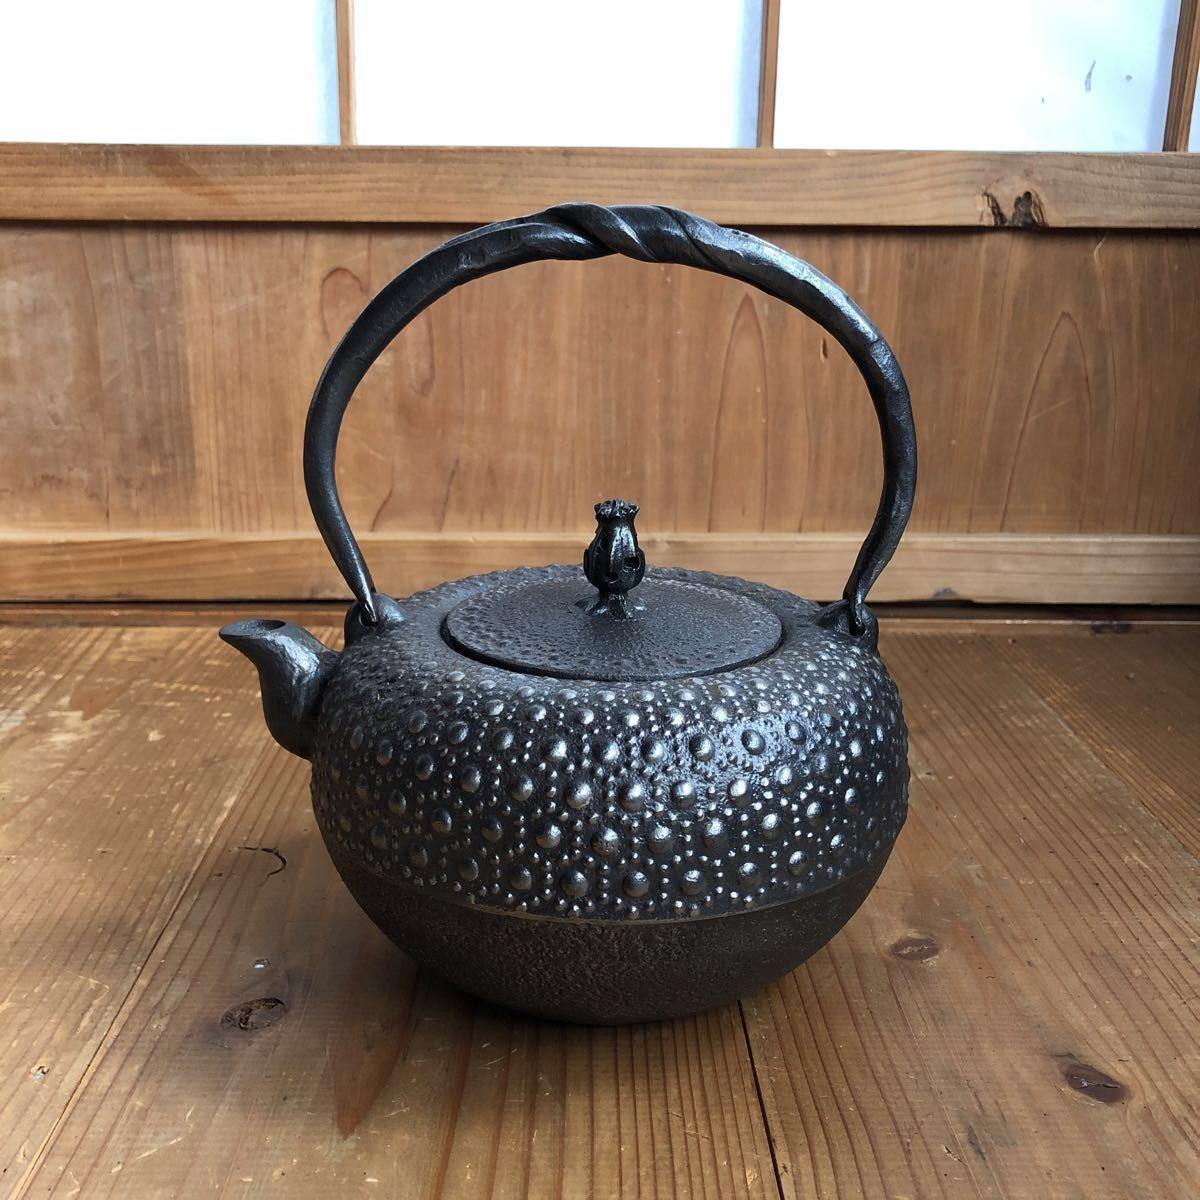 古い 南部鉄器 南部鉄瓶 岩鋳 亀甲模様 捻り持ち手 虫喰い摘み 湯沸かし 煎茶道具